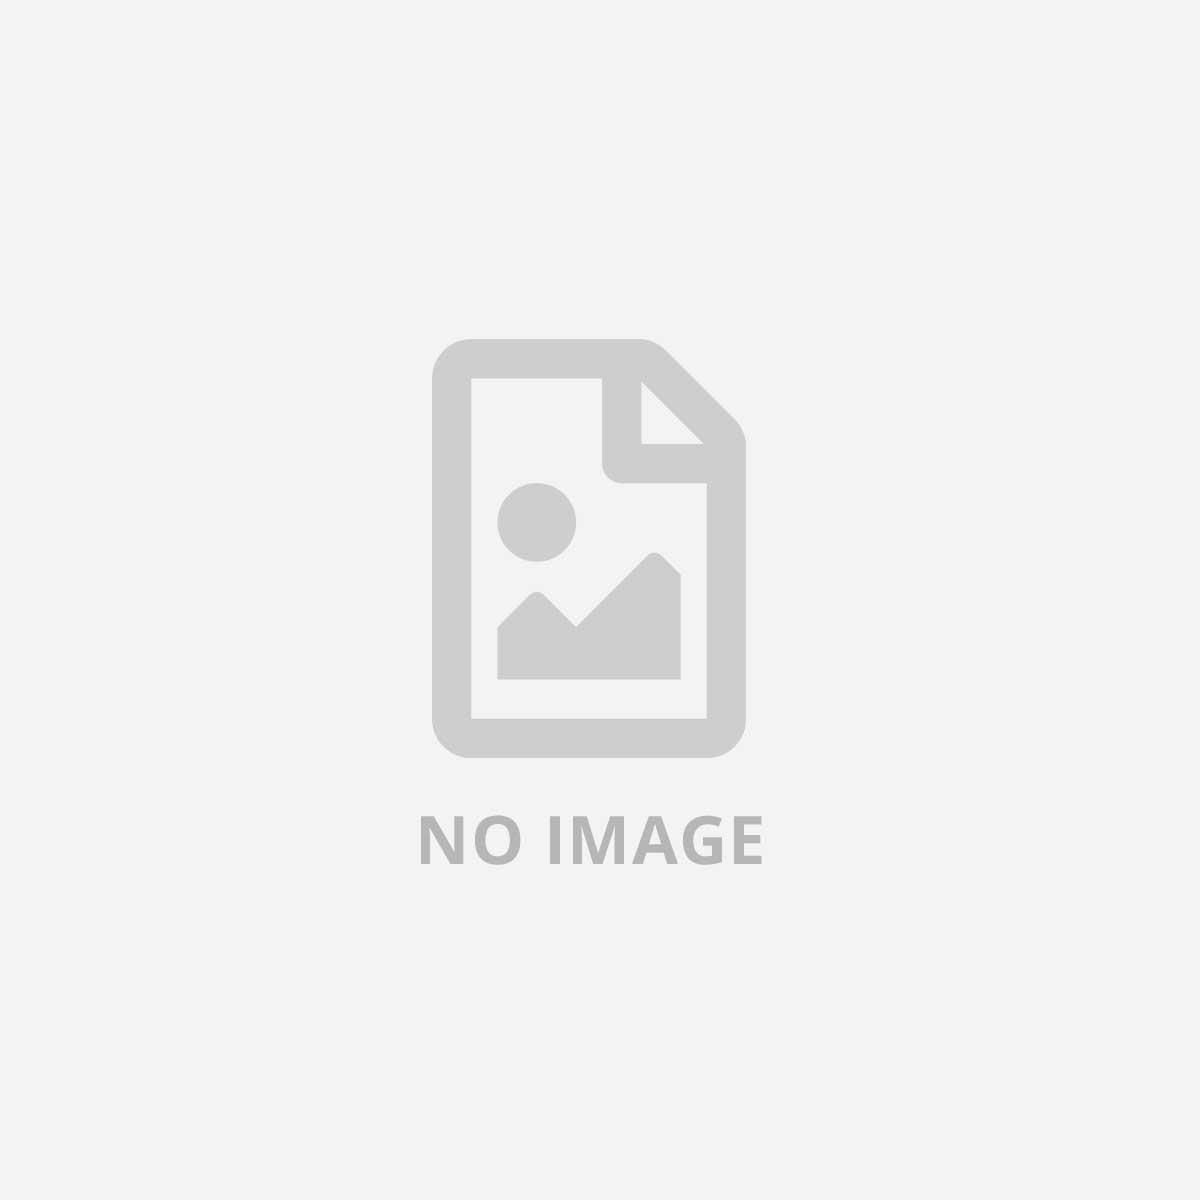 HP OFFICEJET MULTIFUN. - INK-JET 24 PPM